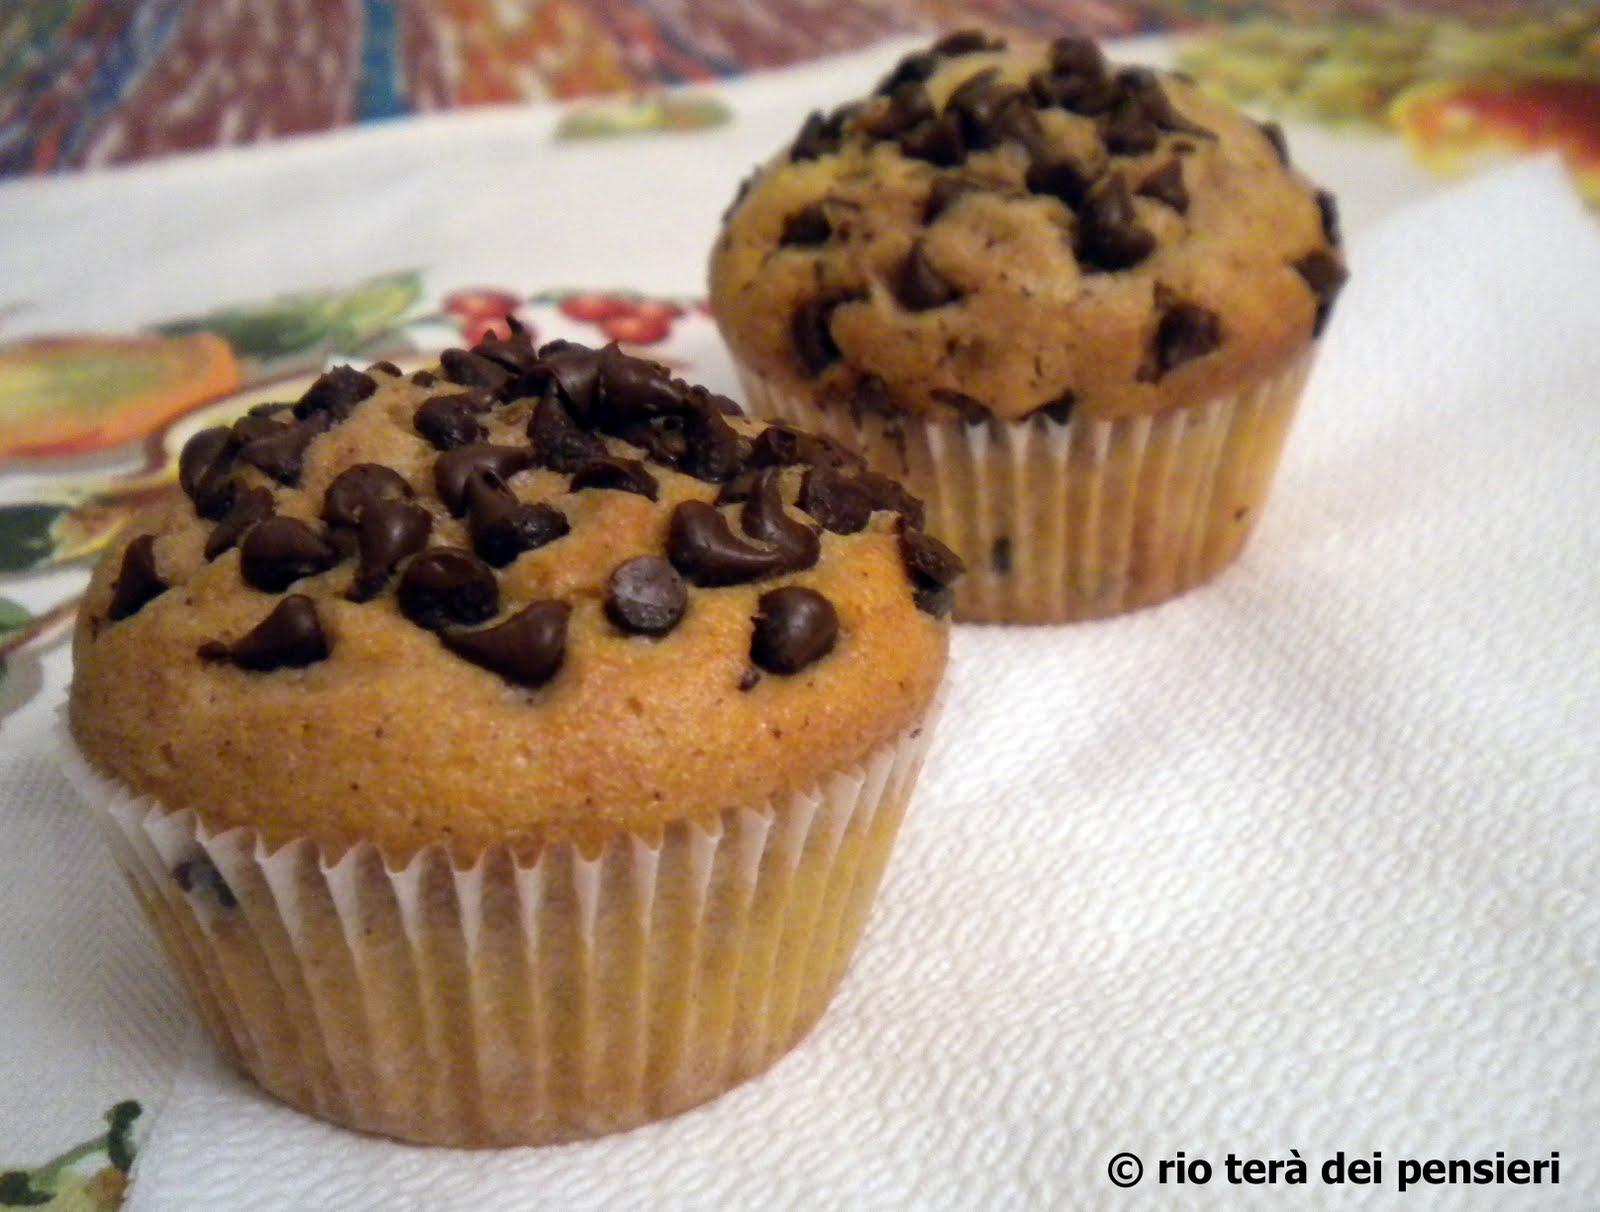 muffin-2Bmarmorizzati-2Bcon-2Bgocce-2Bdi-2Bcioccolato